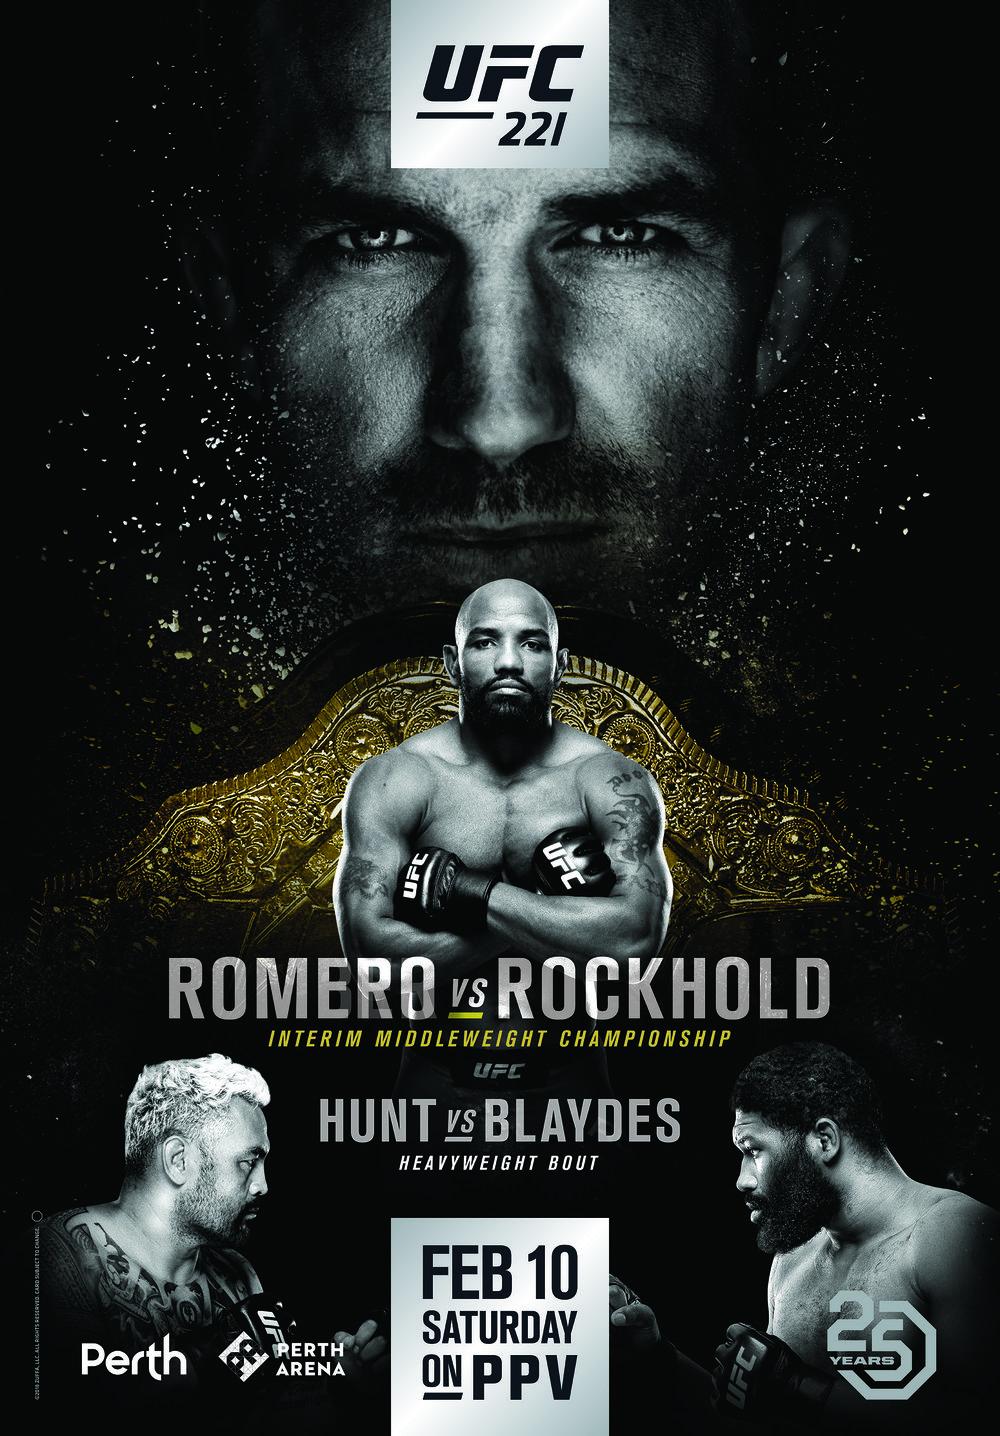 UFC_221_poster.jpg